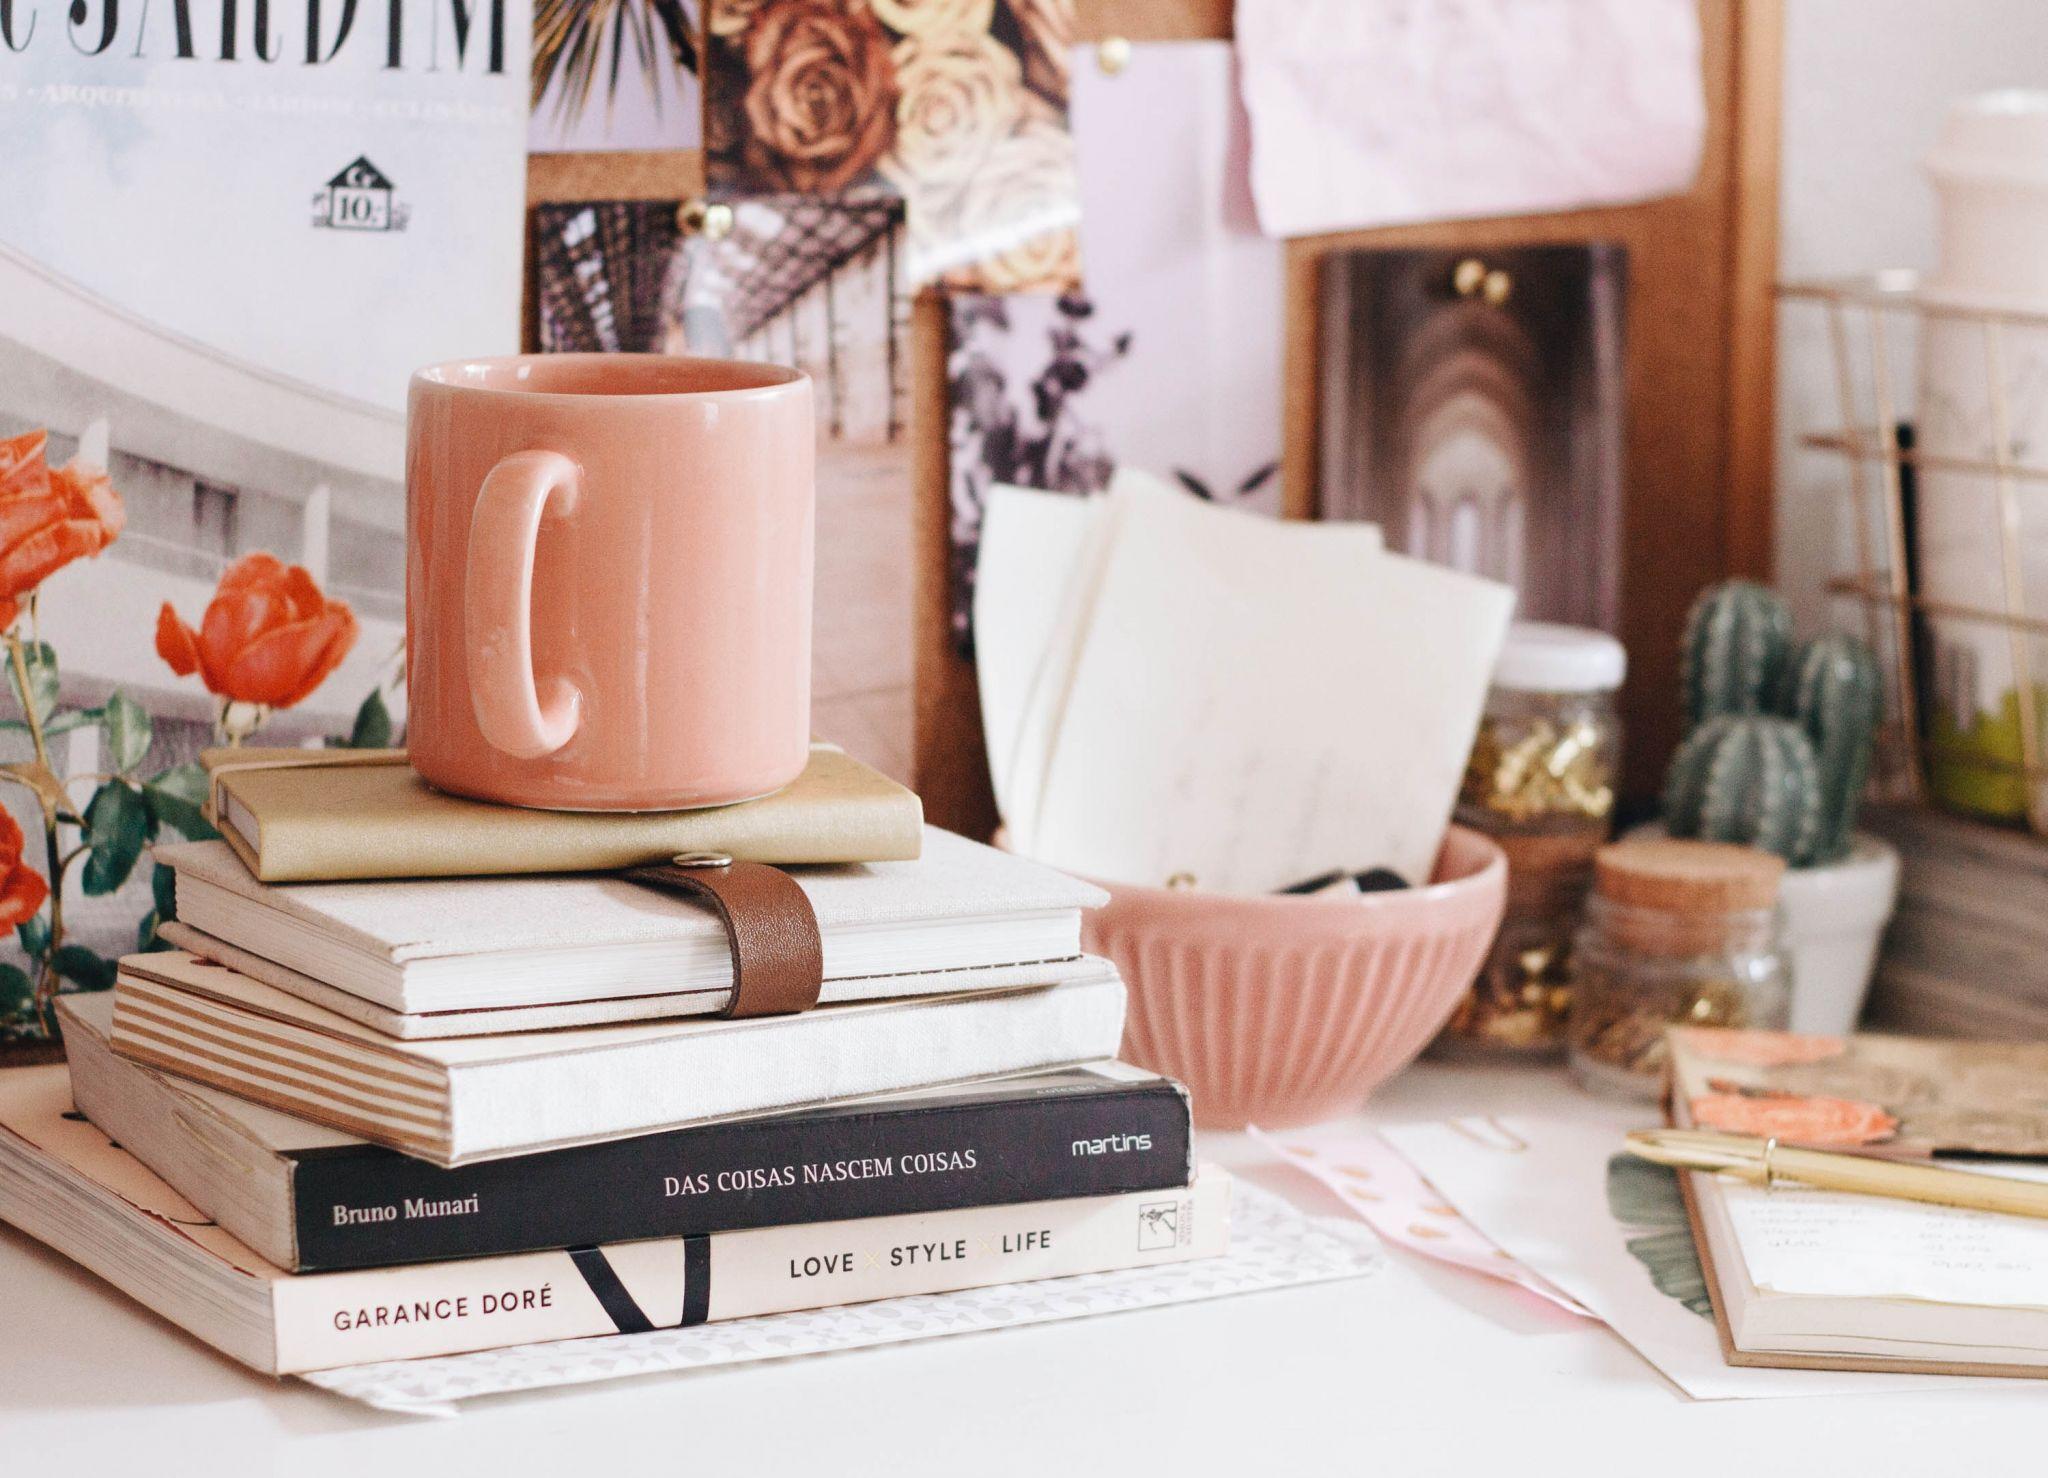 Books, Mug, Pastel, Pink, katiebwrites, katiewritesblog, katiewritesuk, katie writes blog, ©Katiewrites.co.uk